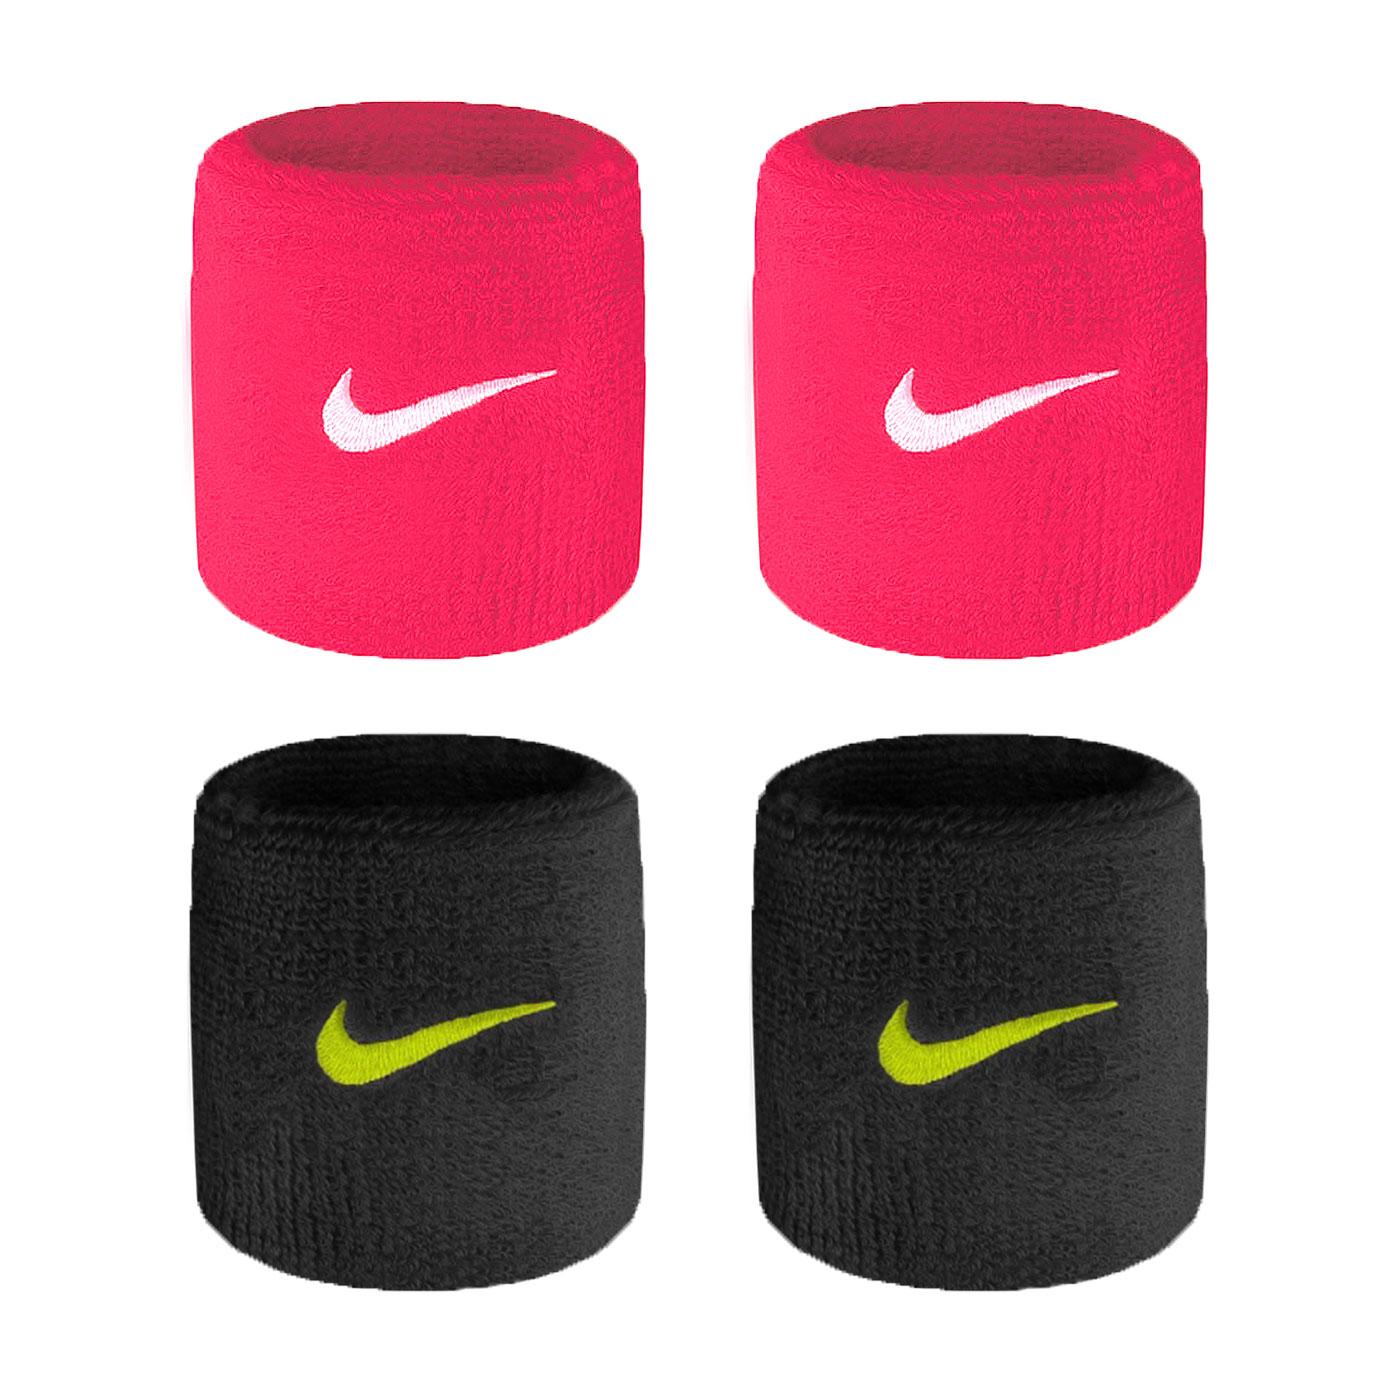 NIKE SwooSh 單色腕帶(慢跑 路跑 籃球 網球 羽球 一雙入【NNN04】≡排汗專家≡